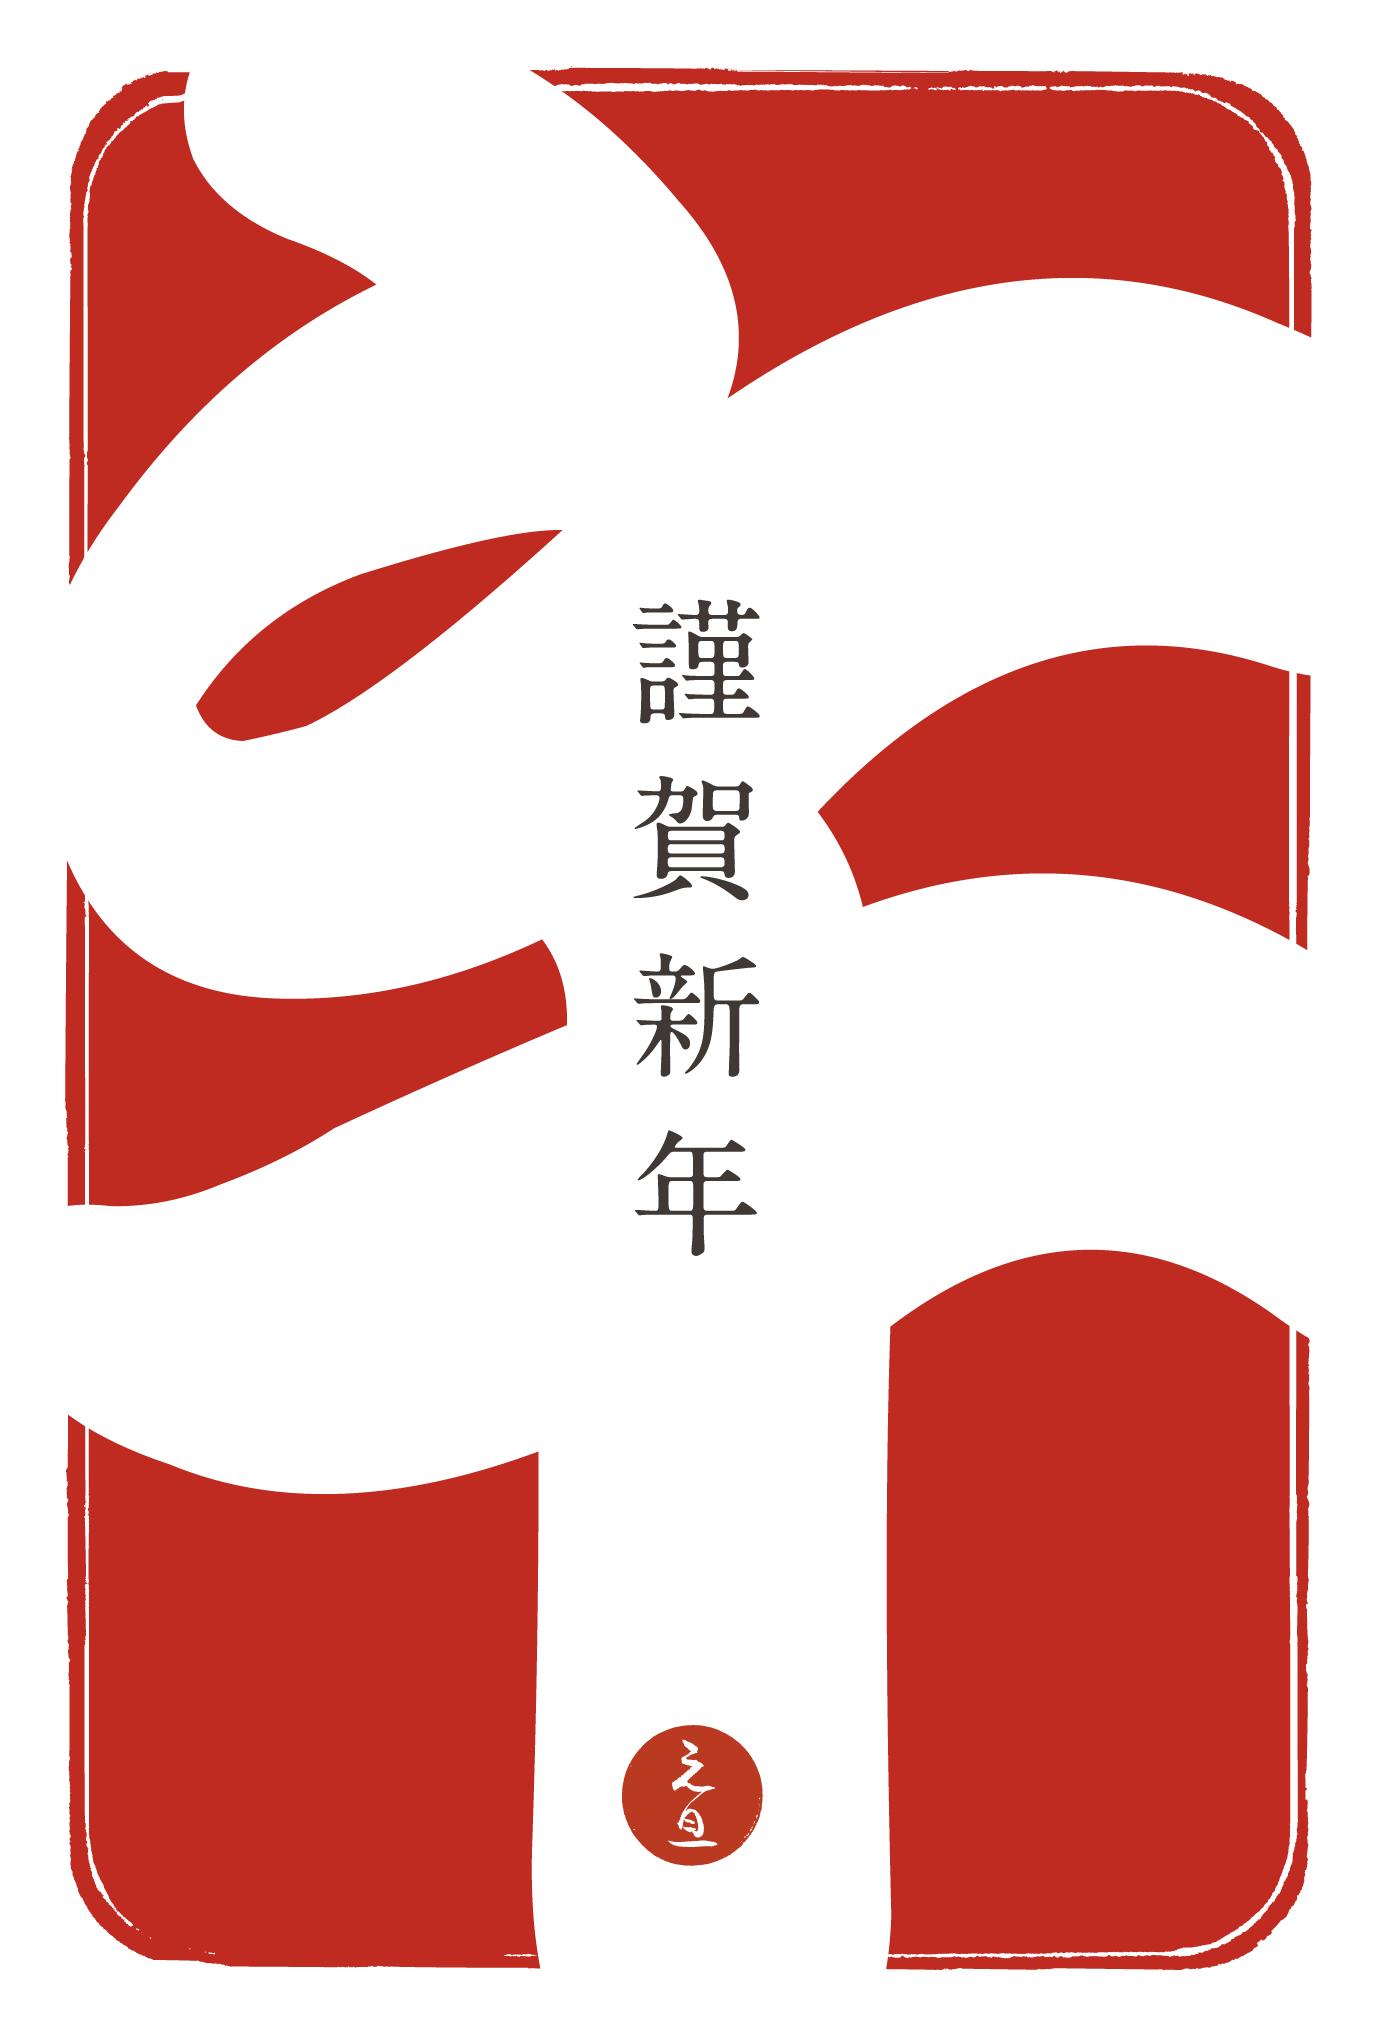 2014年賀状05-1:江戸勘亭流(午)赤のダウンロード画像